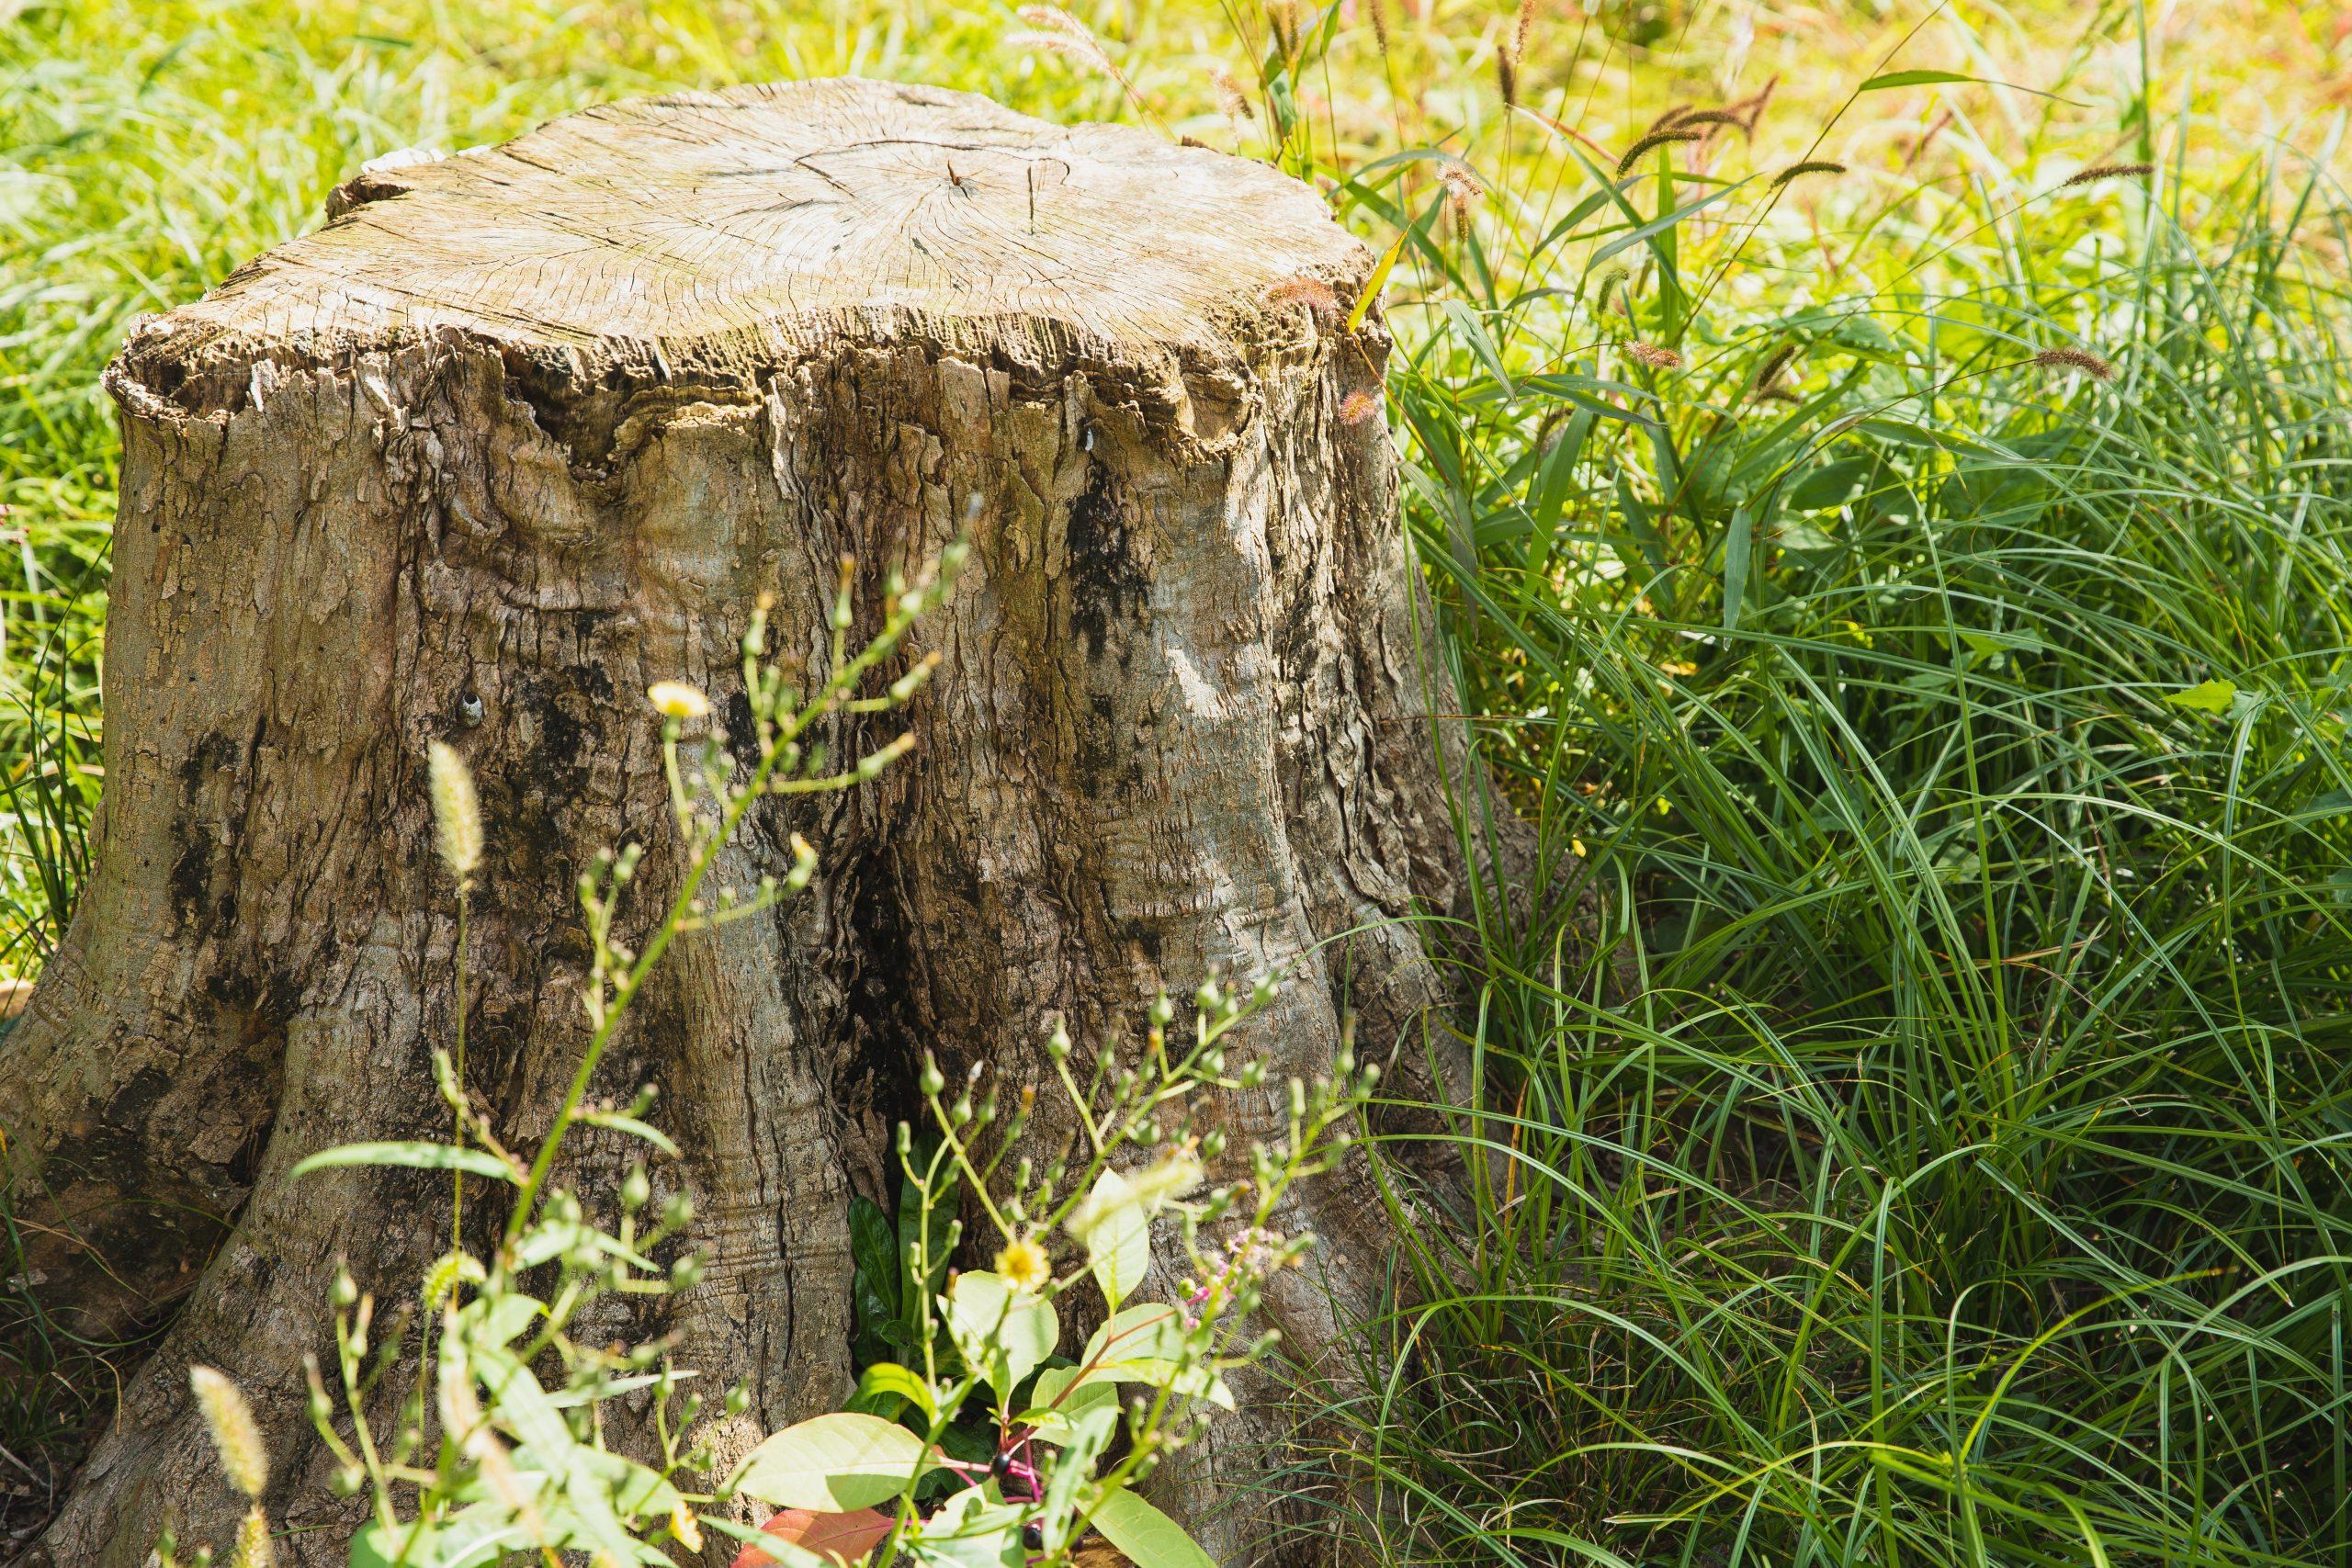 tree stump in a field